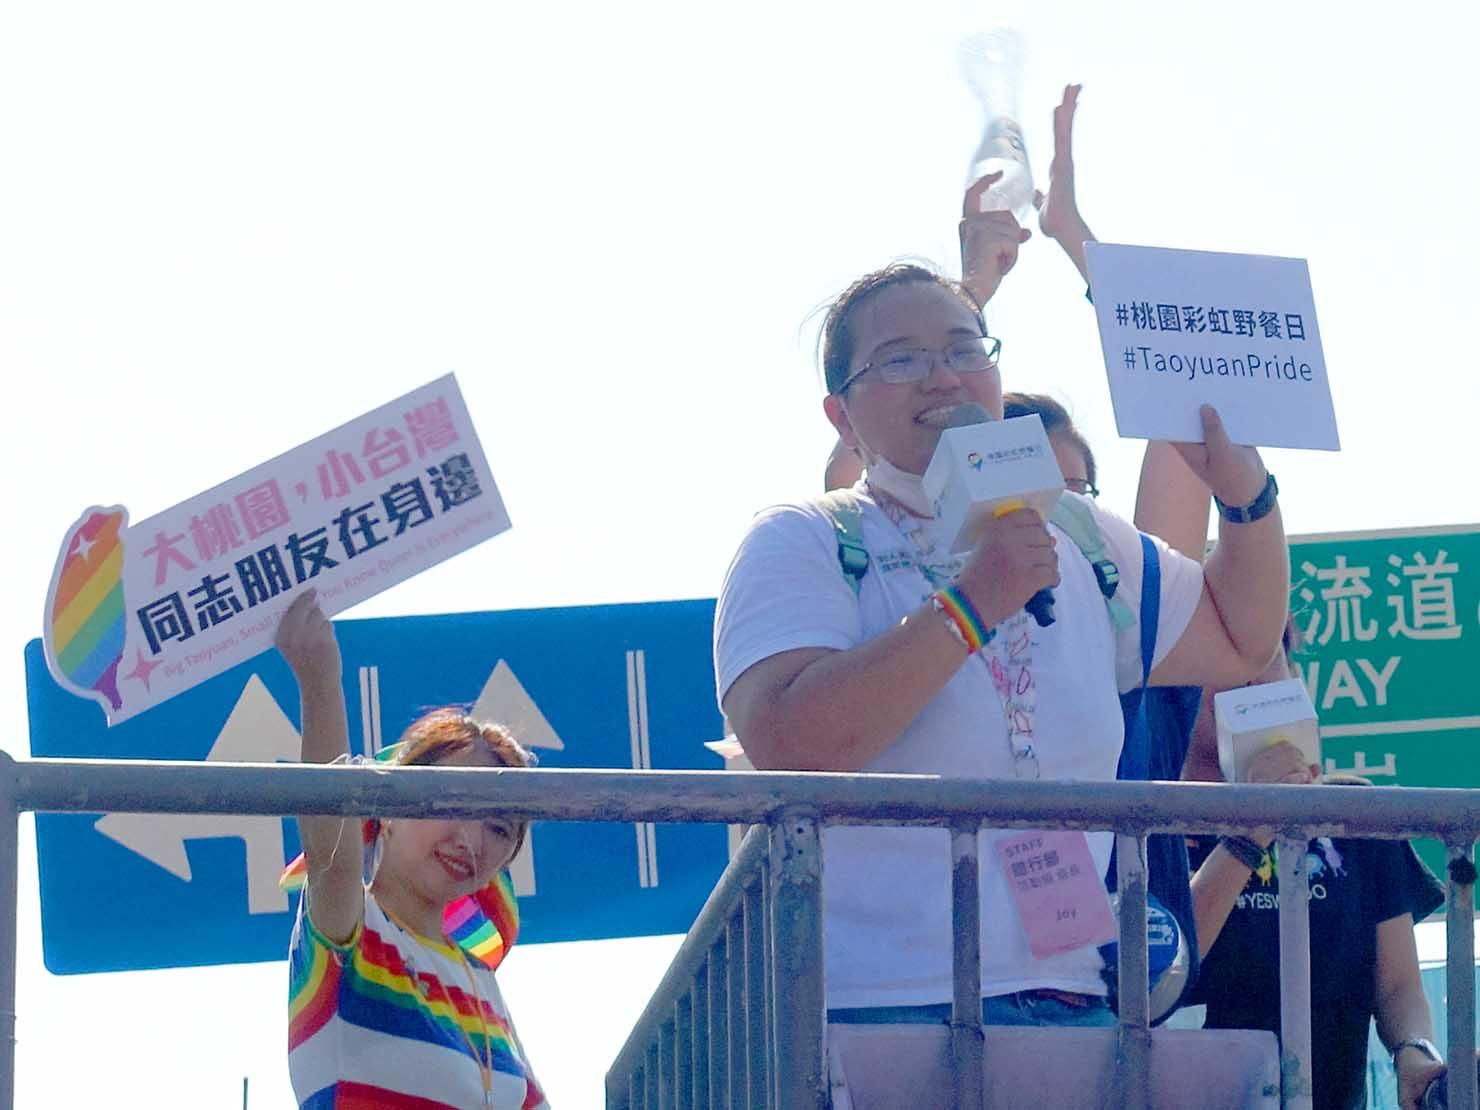 台湾・桃園のLGBTプライド「桃園彩虹野餐日」2020のパレード先導車からスピーチをする主催者